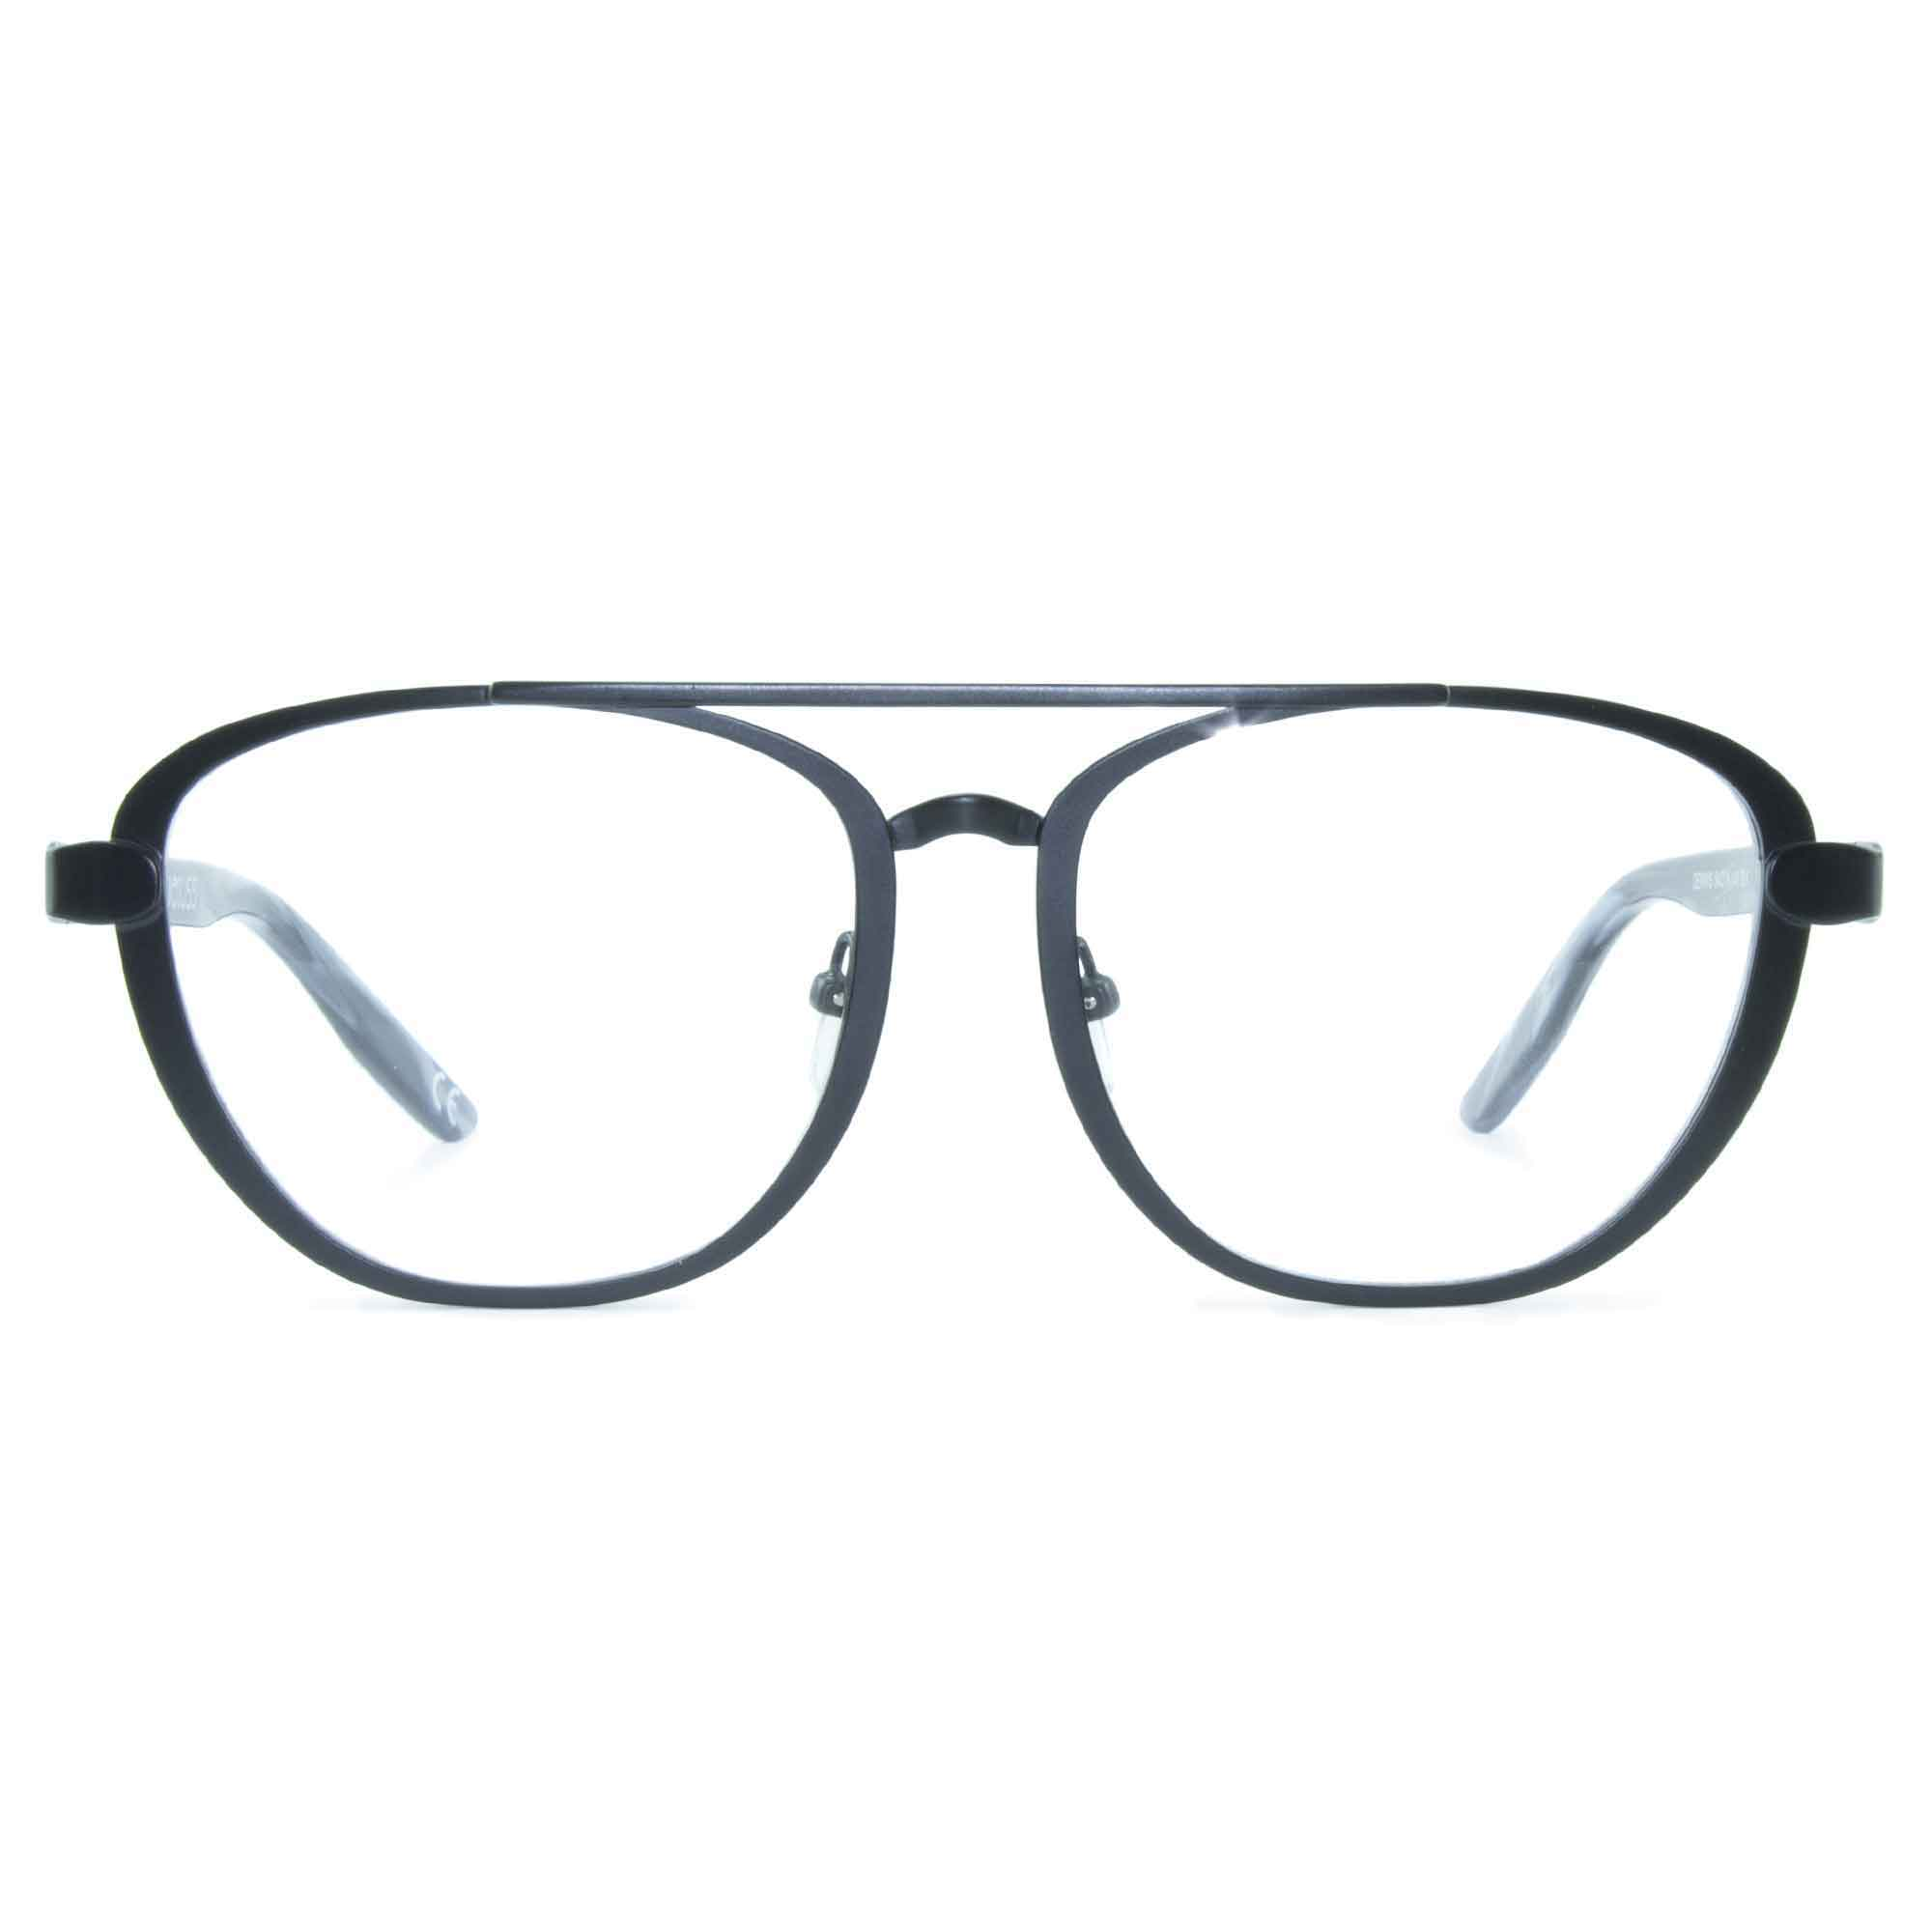 Joiuss dennis black aviator glasses frame